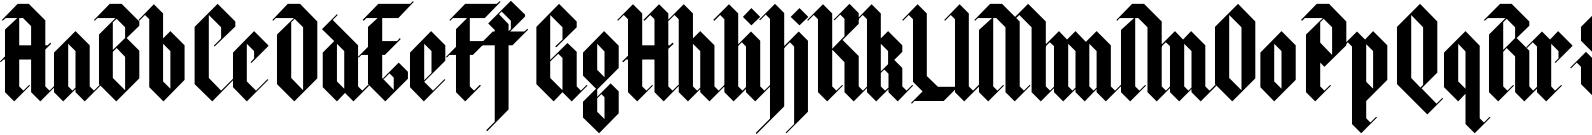 Halja